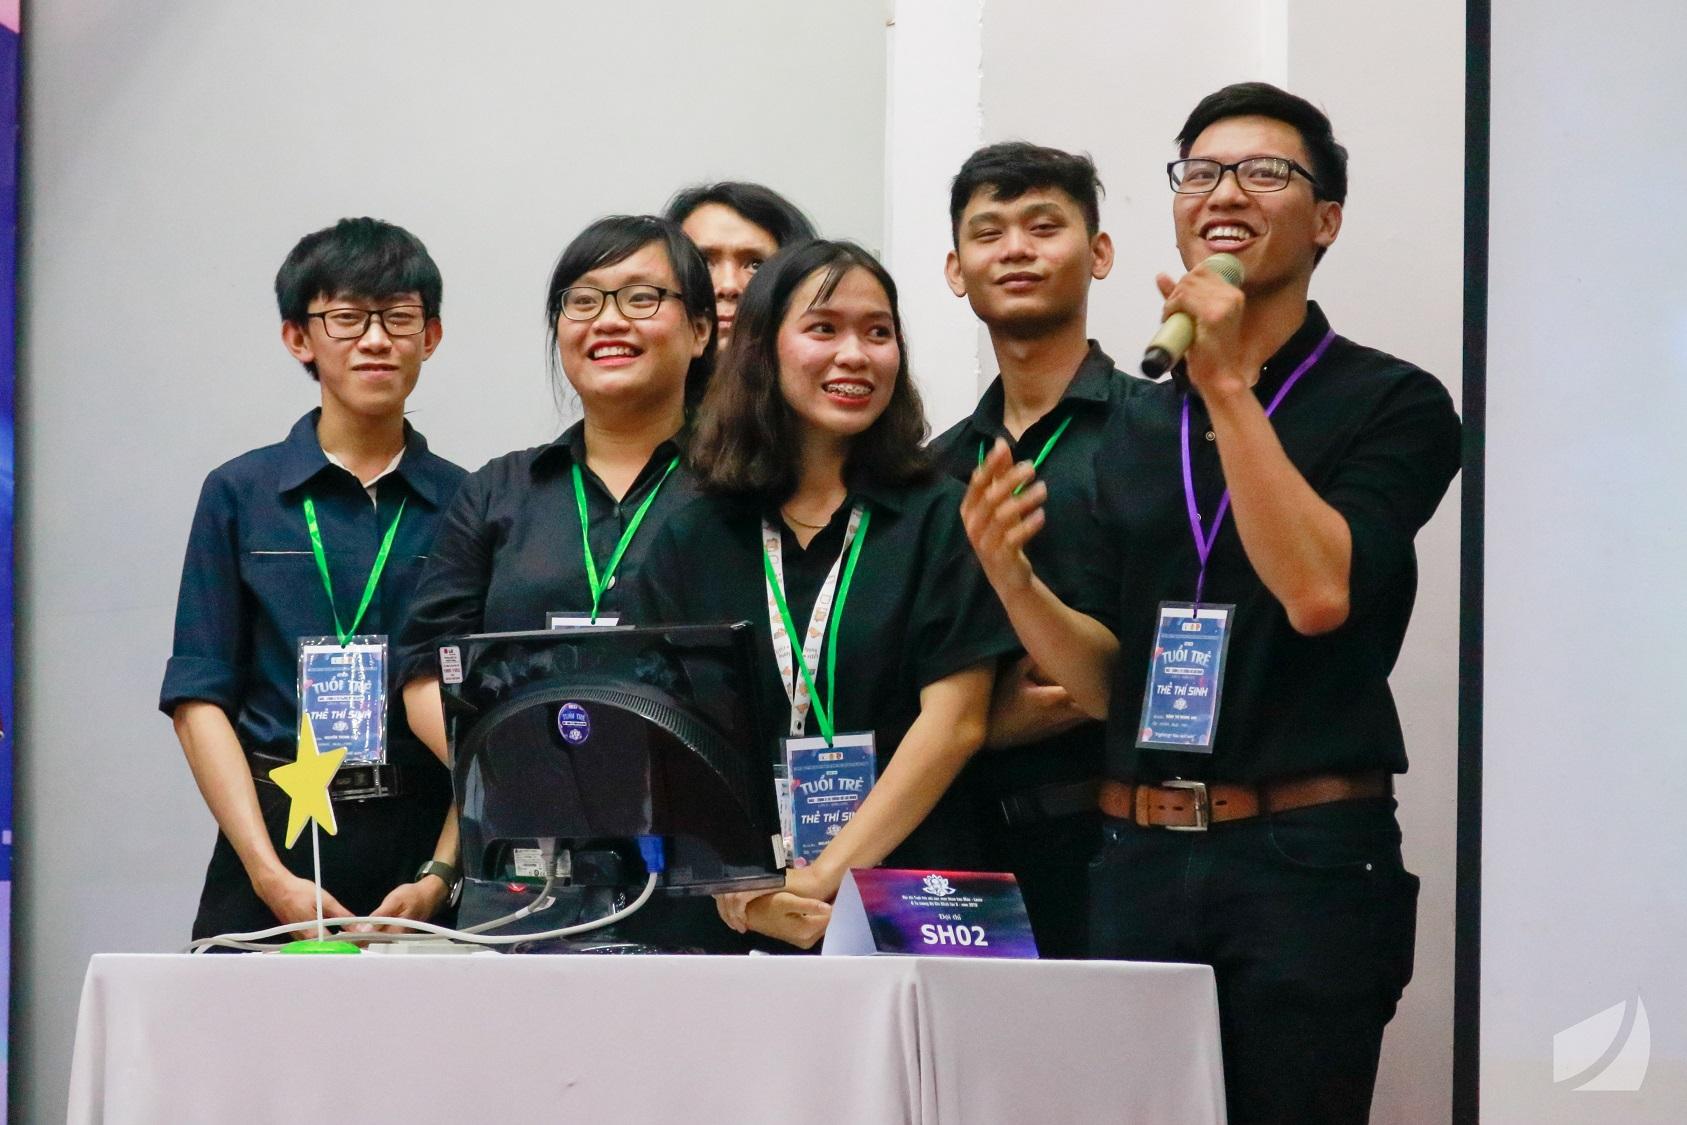 Đội SH02 xuất sắc giành giải nhất tại đêm chung kết hội thi